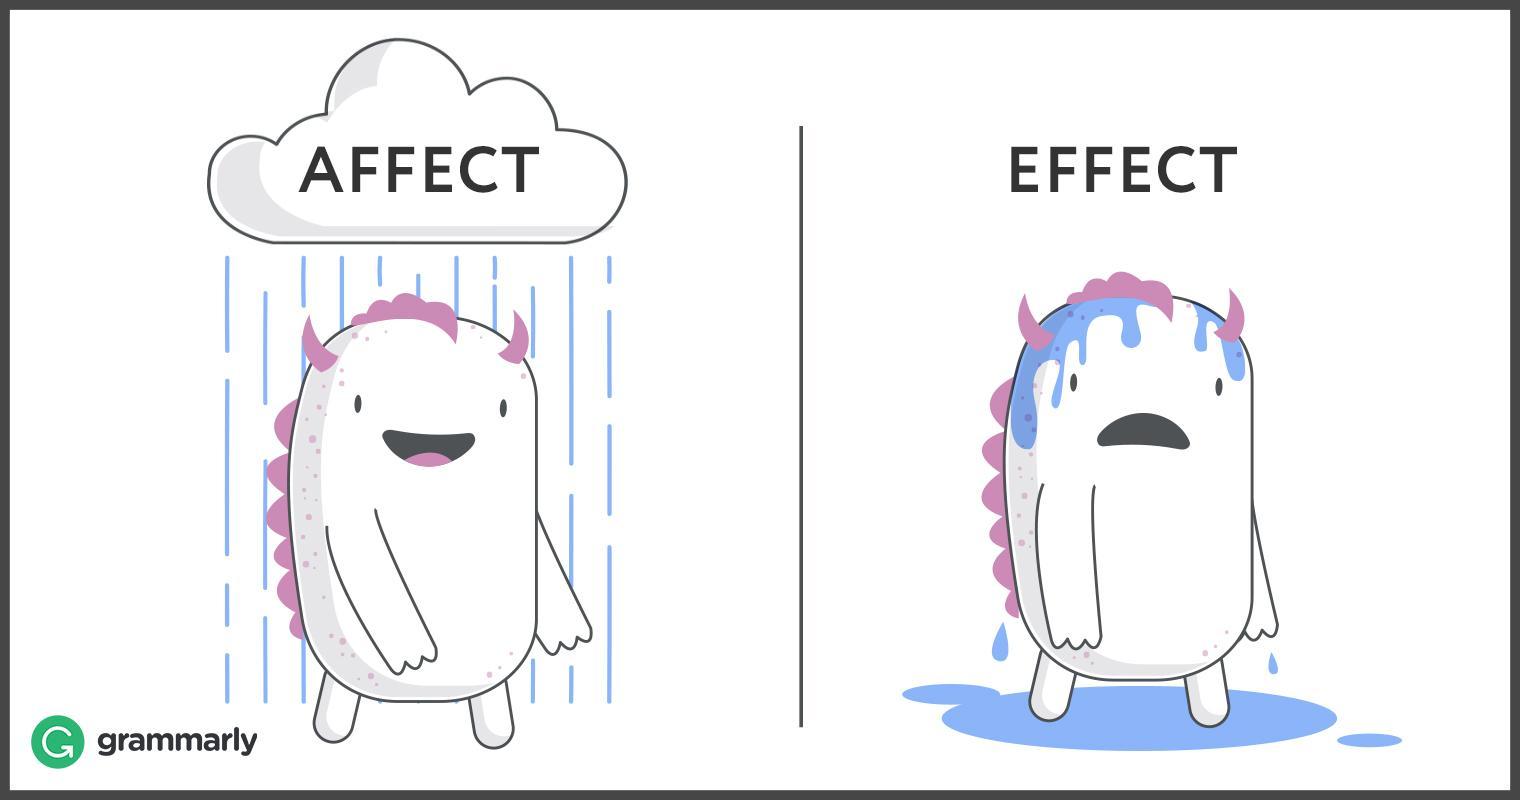 Affect-EFFECT-